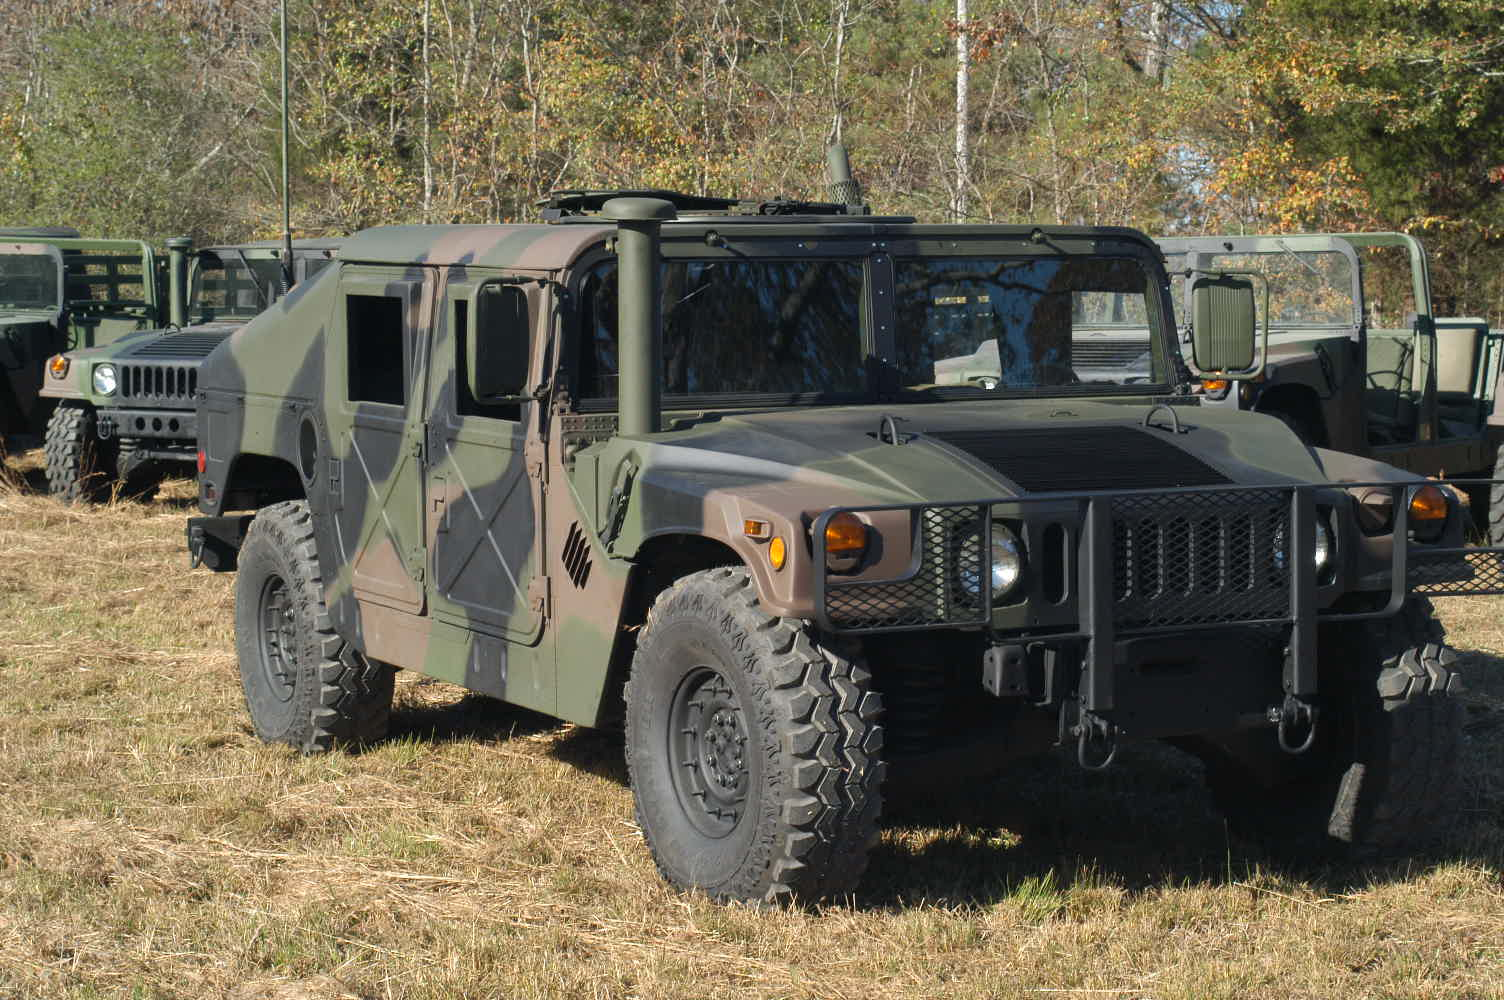 Used H1 | Custom H1, Humvee HMMWV Builds, Accessories ...